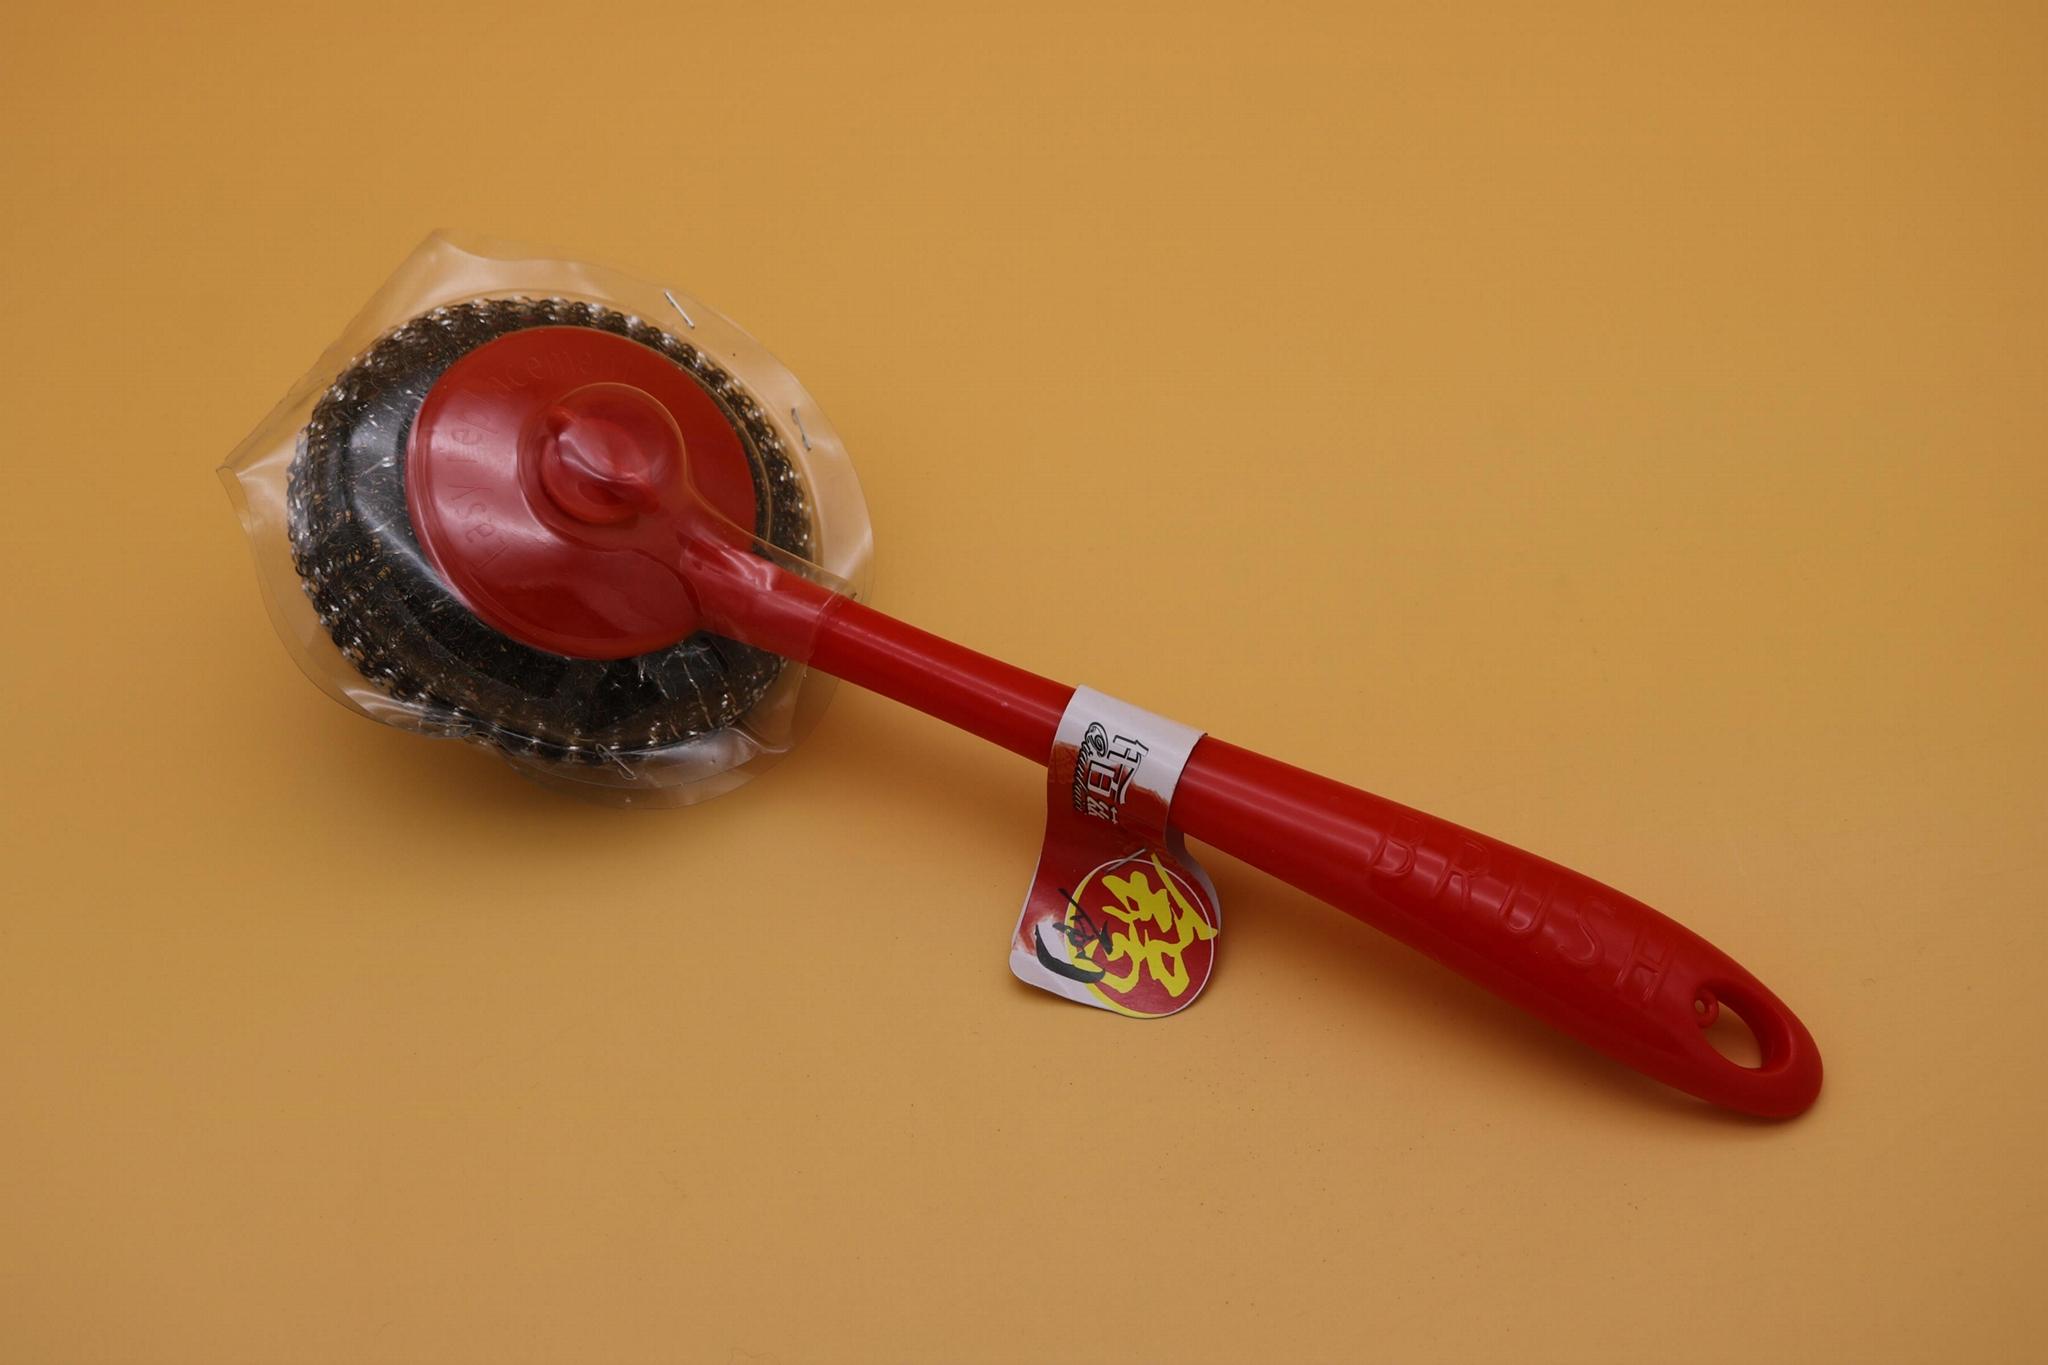 iron pan cleaning brush 2